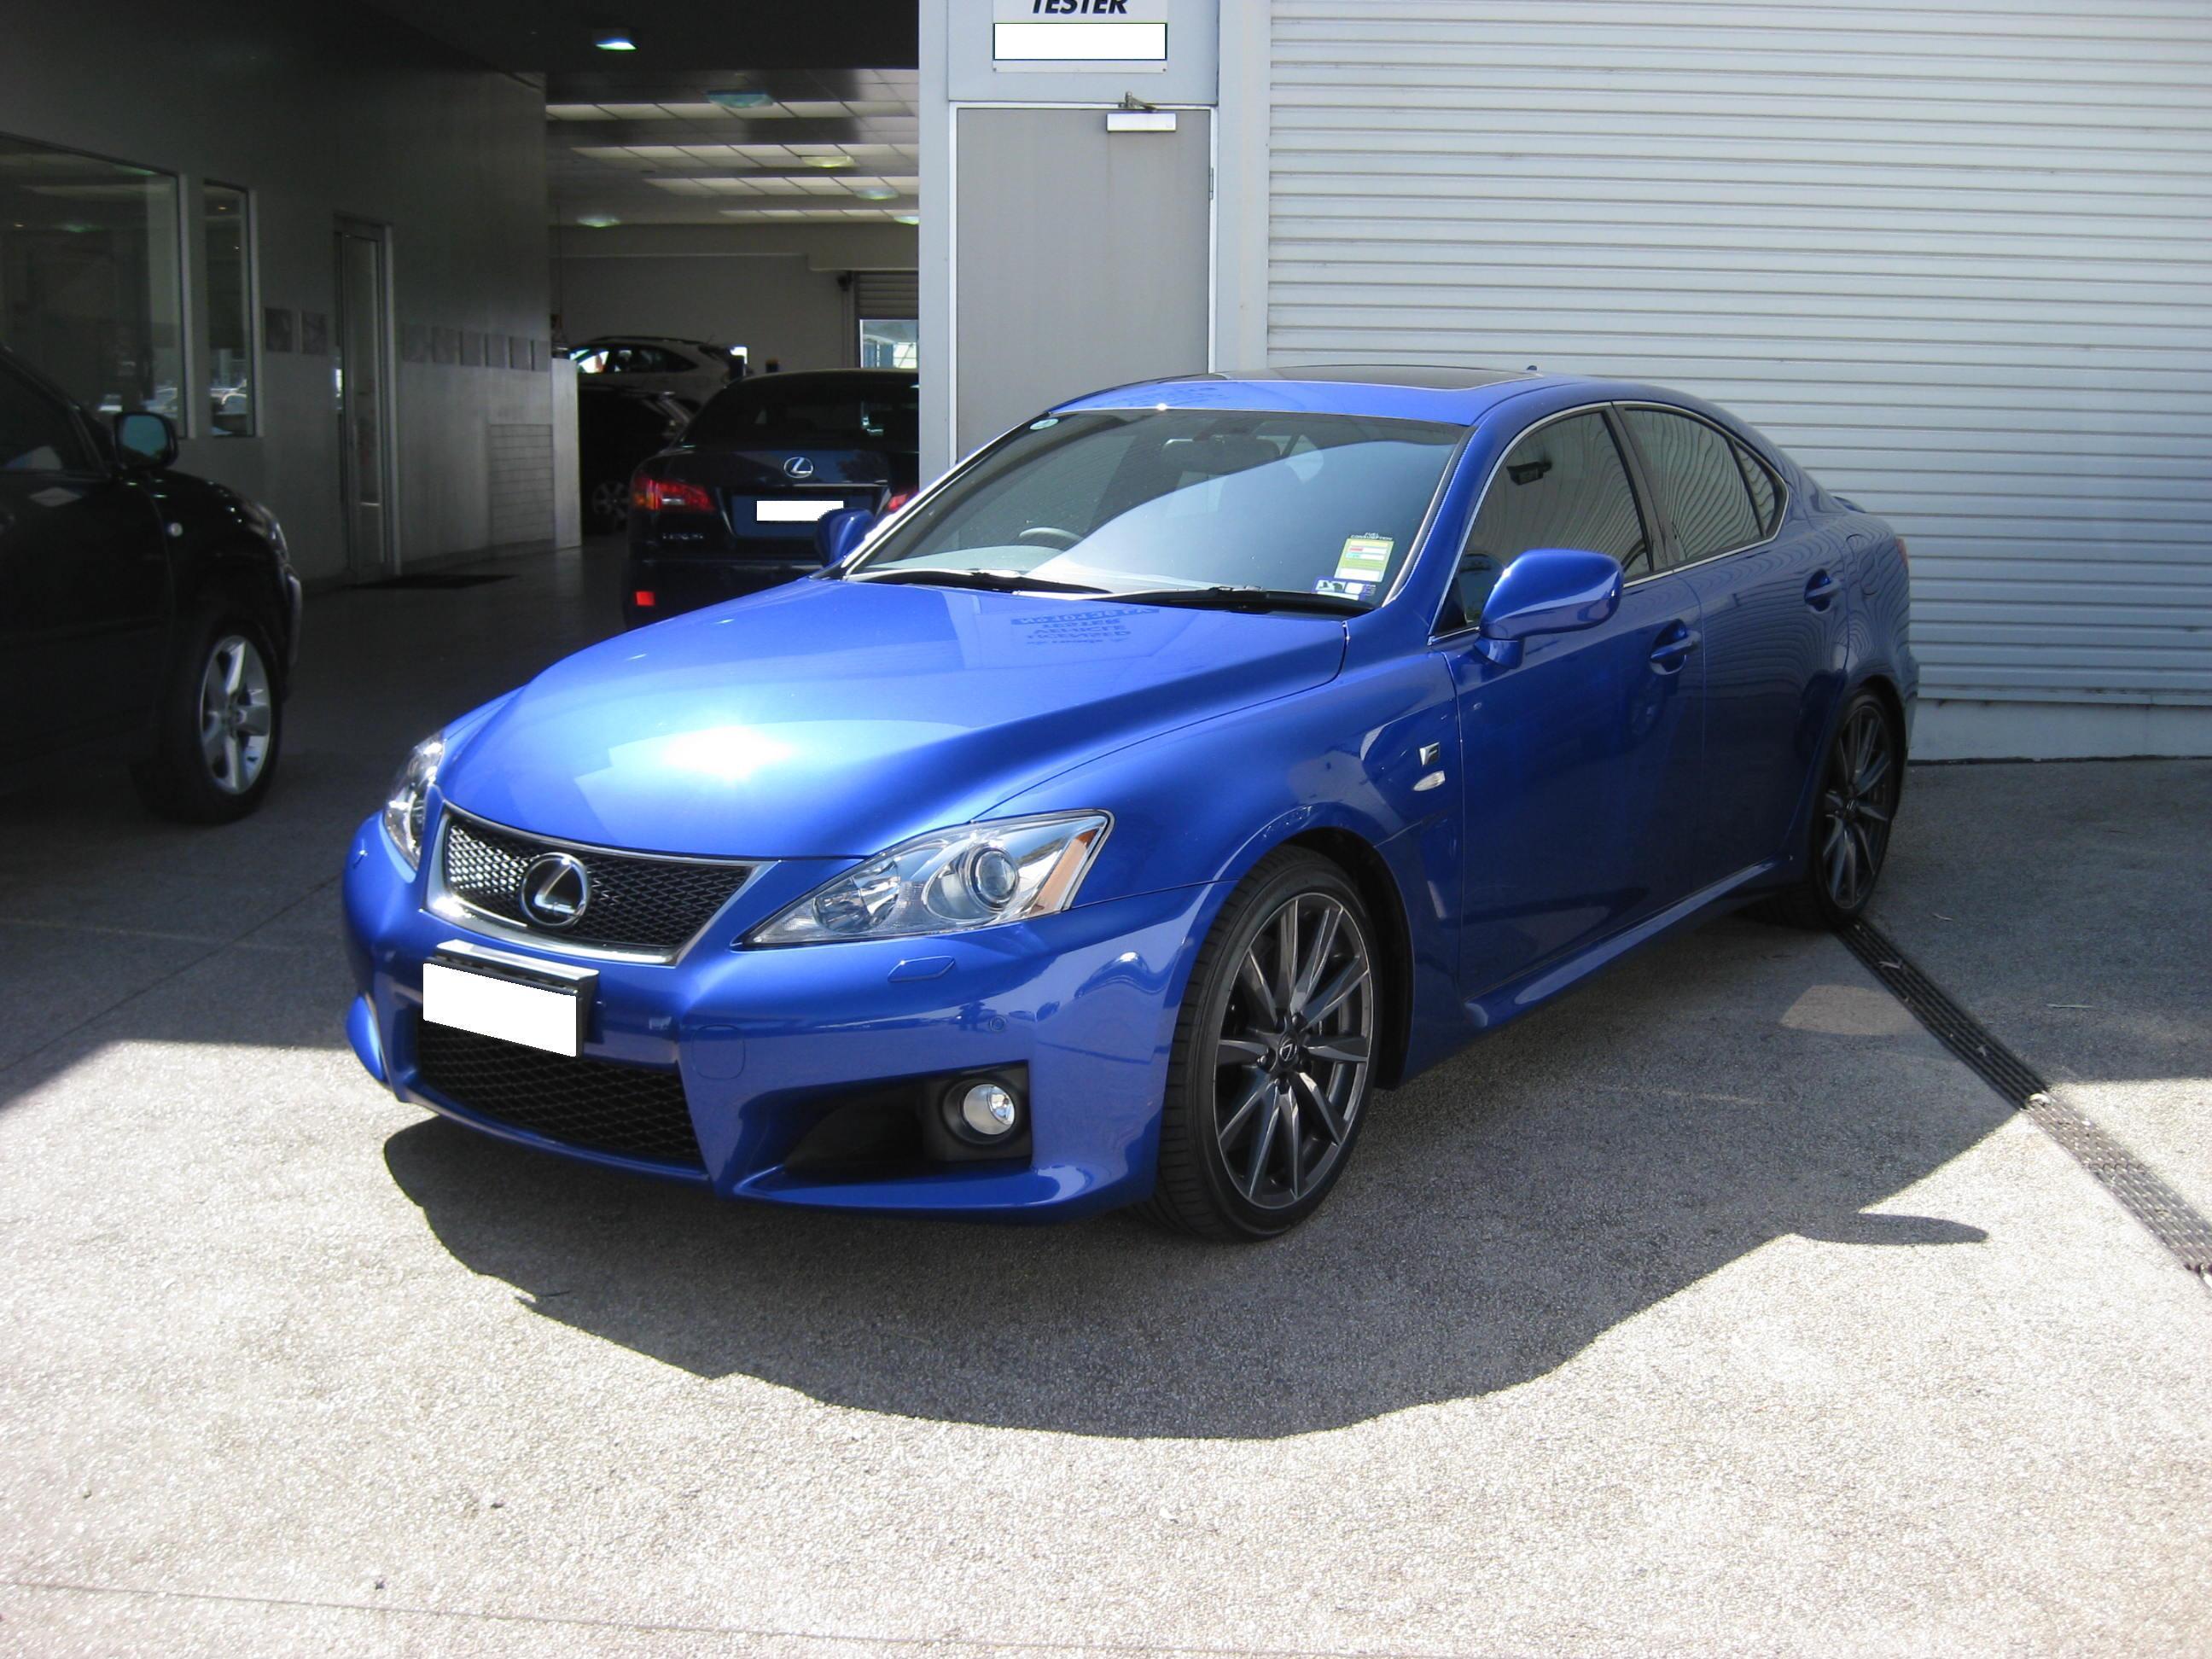 https://upload.wikimedia.org/wikipedia/commons/8/85/2008_Lexus_IS_F_%28USE20R%29_Sports_Luxury_sedan_01.jpg